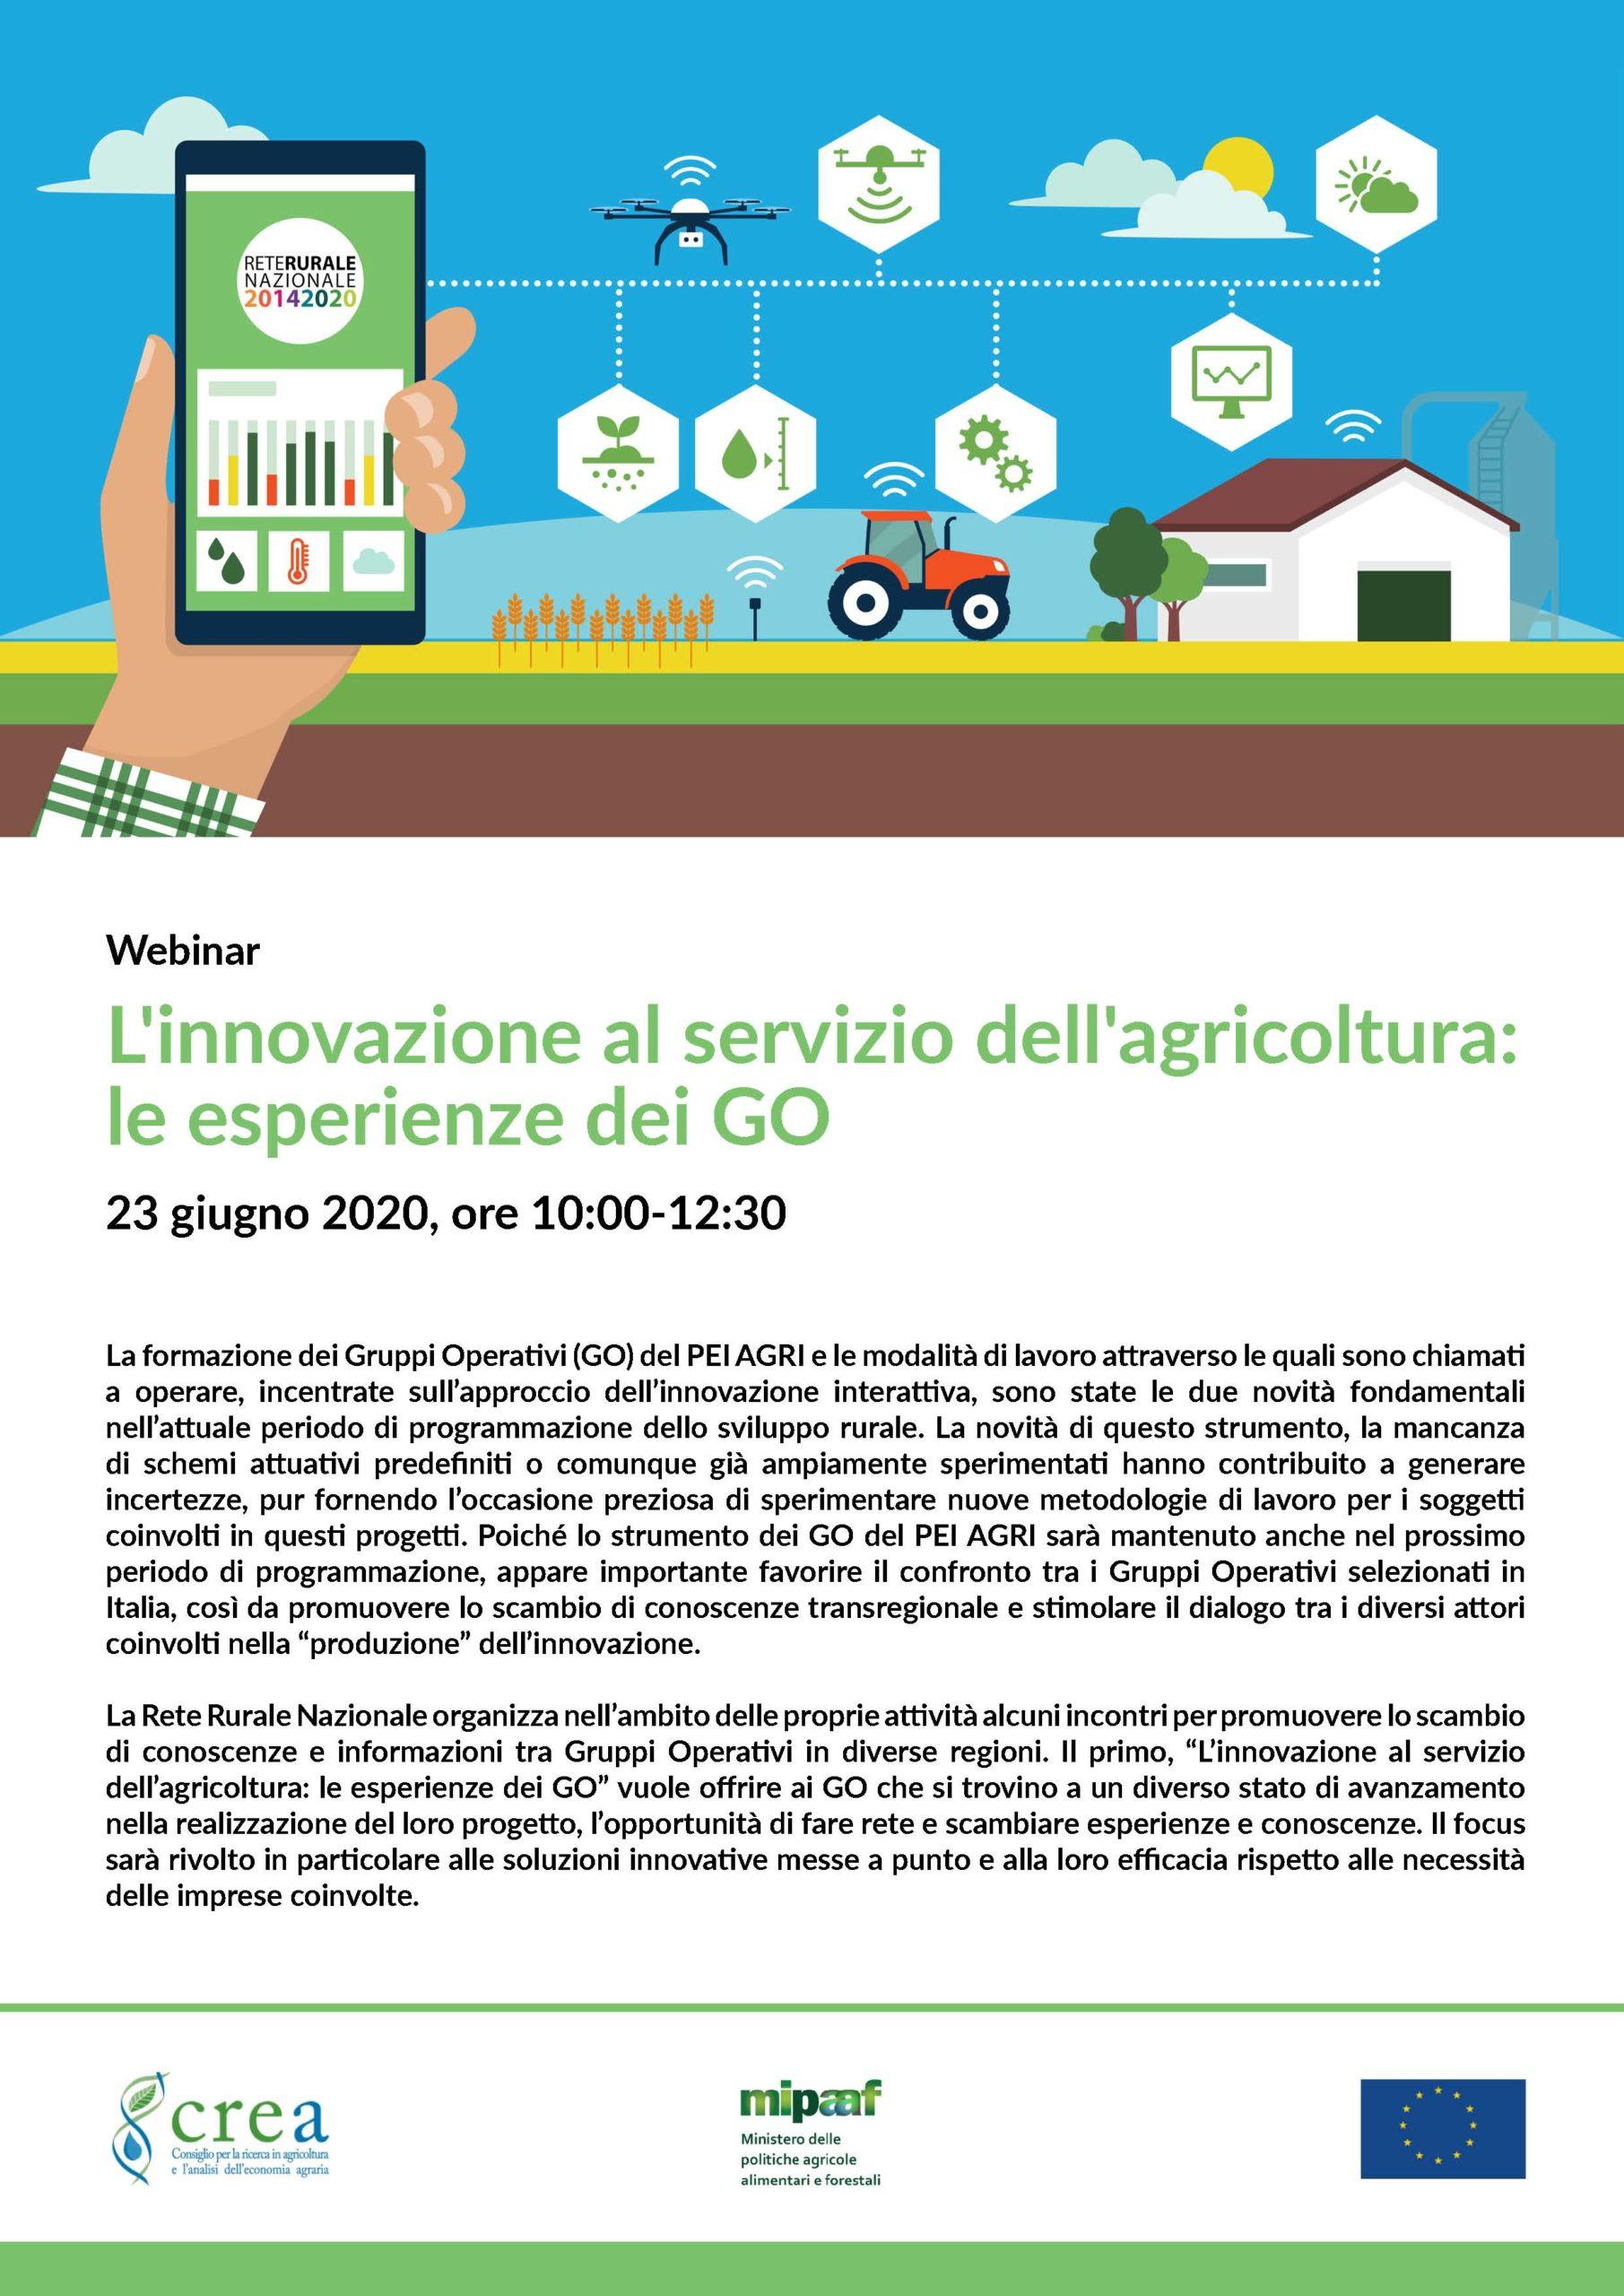 L'INNOVAZIONE AL SERVIZIO DELL'AGRICOLTURA